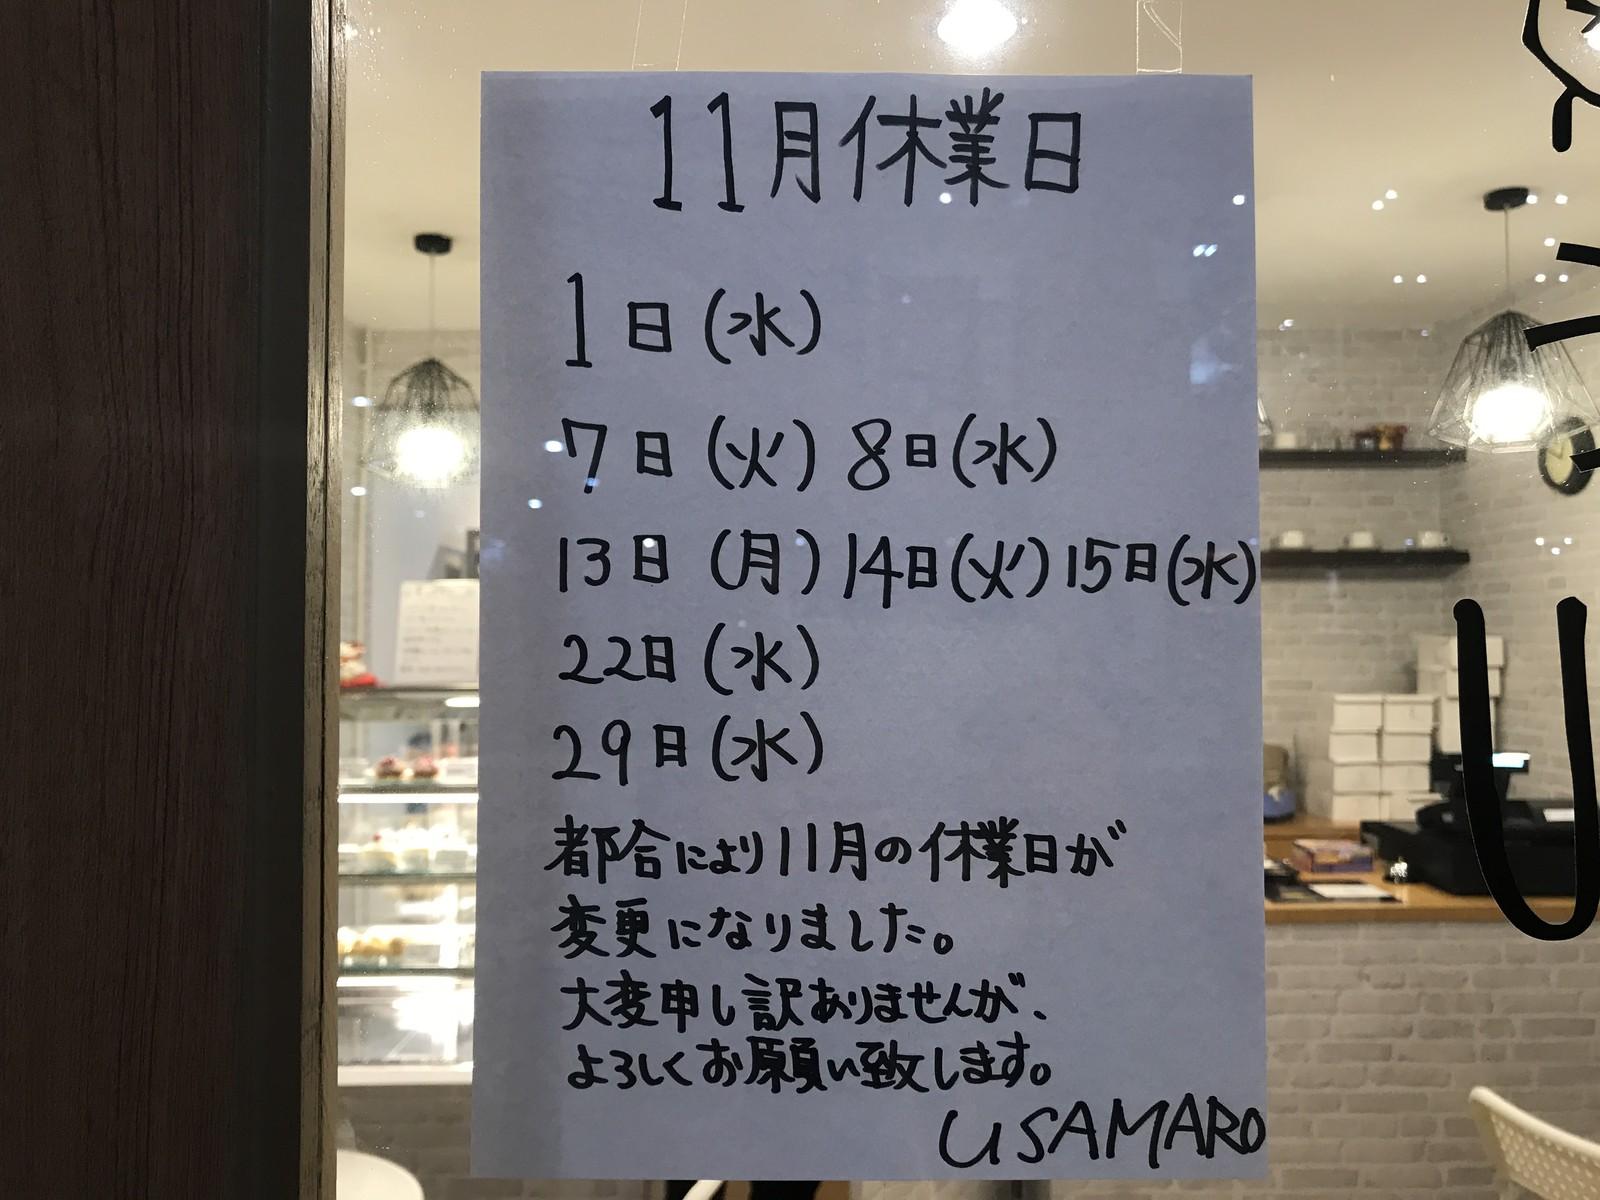 うさ麿 USAMARO 日本人パティシエ バンコク プロンポン (9)